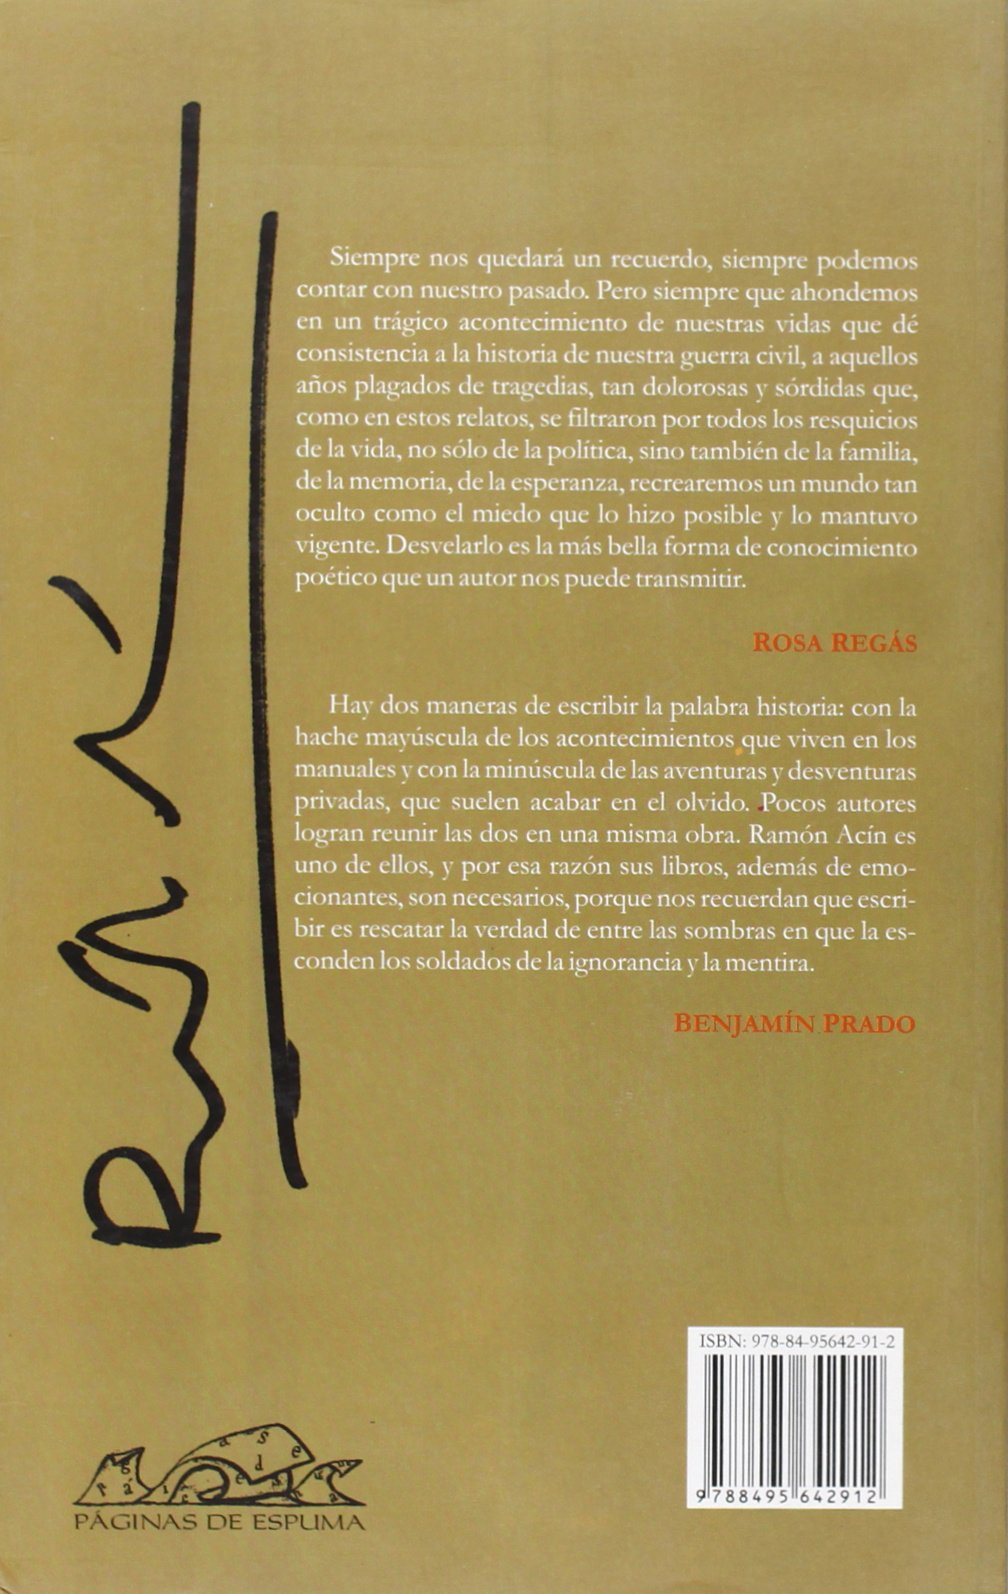 Hermanos de sangre (Voces/ Literatura): Amazon.es: Acín, Ramón, Casamayor, Juan: Libros